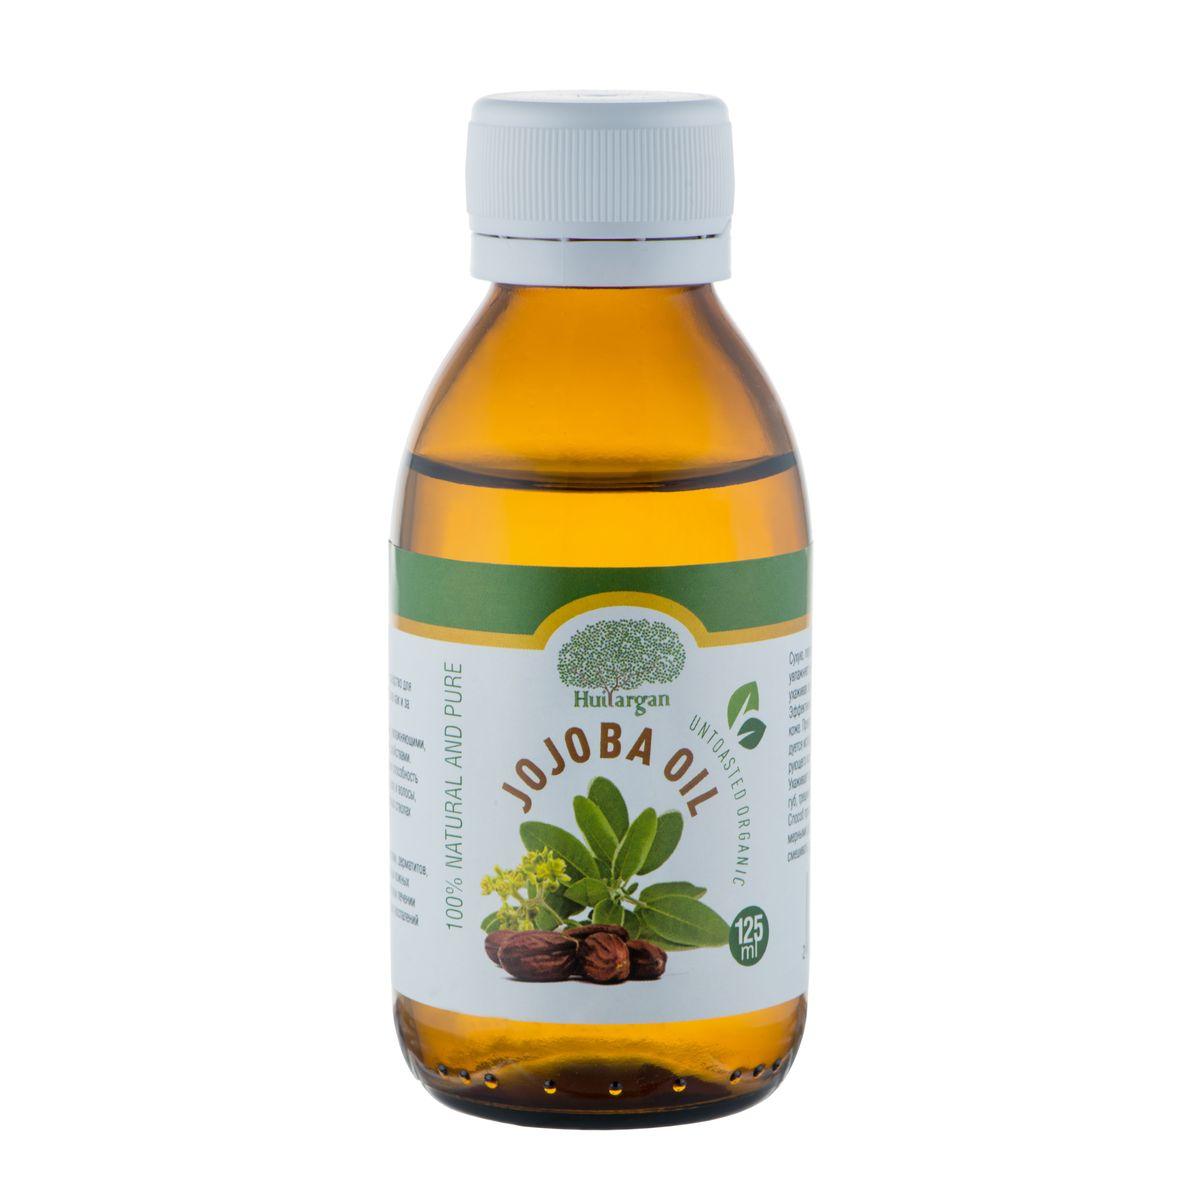 Huilargan Масло жожоба, 100% органическое, 125 млБ33041Масло жожоба (Jojoba oil) – 'то идеальное средство для ежедневного ухода за кожей всех типов, также как и за волосами любой структуры и типов. Оно обладает высокими регенерирующими, увлажняющими, противовоспалительными и смягчающими свойствами. Богато витамином Е. Отличная проникающая способность масла обеспечивает полное всасывание в кожу и волосы, поэтому оно не оставляет на лице и волосяных стволах жирного блеска.Масло жожоба применяется при лечении экзем, дерматитов, нейродермитов, псориаза и других серьезных кожных проблемах – в лечебных мазях.В комплексном лечении акне, фурункулов, угревой сыпи и различных воспалений и высыпаний на коже.Сухую, пересушенную, шелушащуюся и воспаленную кожу оно увлажняет и питает, проникая в глубокие слои кожи, идеально ухаживая за кожными структурами лица, шеи, груди и декольте. Эффективно разглаживает морщины при дряблой, стареющей коже.Прекрасное средство после бритья, поэтому его рекомендуется использовать как смягчающее средство после травмирующего кожу бритья.Ухаживает за губами, увлажняя их. Исчезает излишняя сухость губ, трещинки и шелушение на губах и вокруг них.